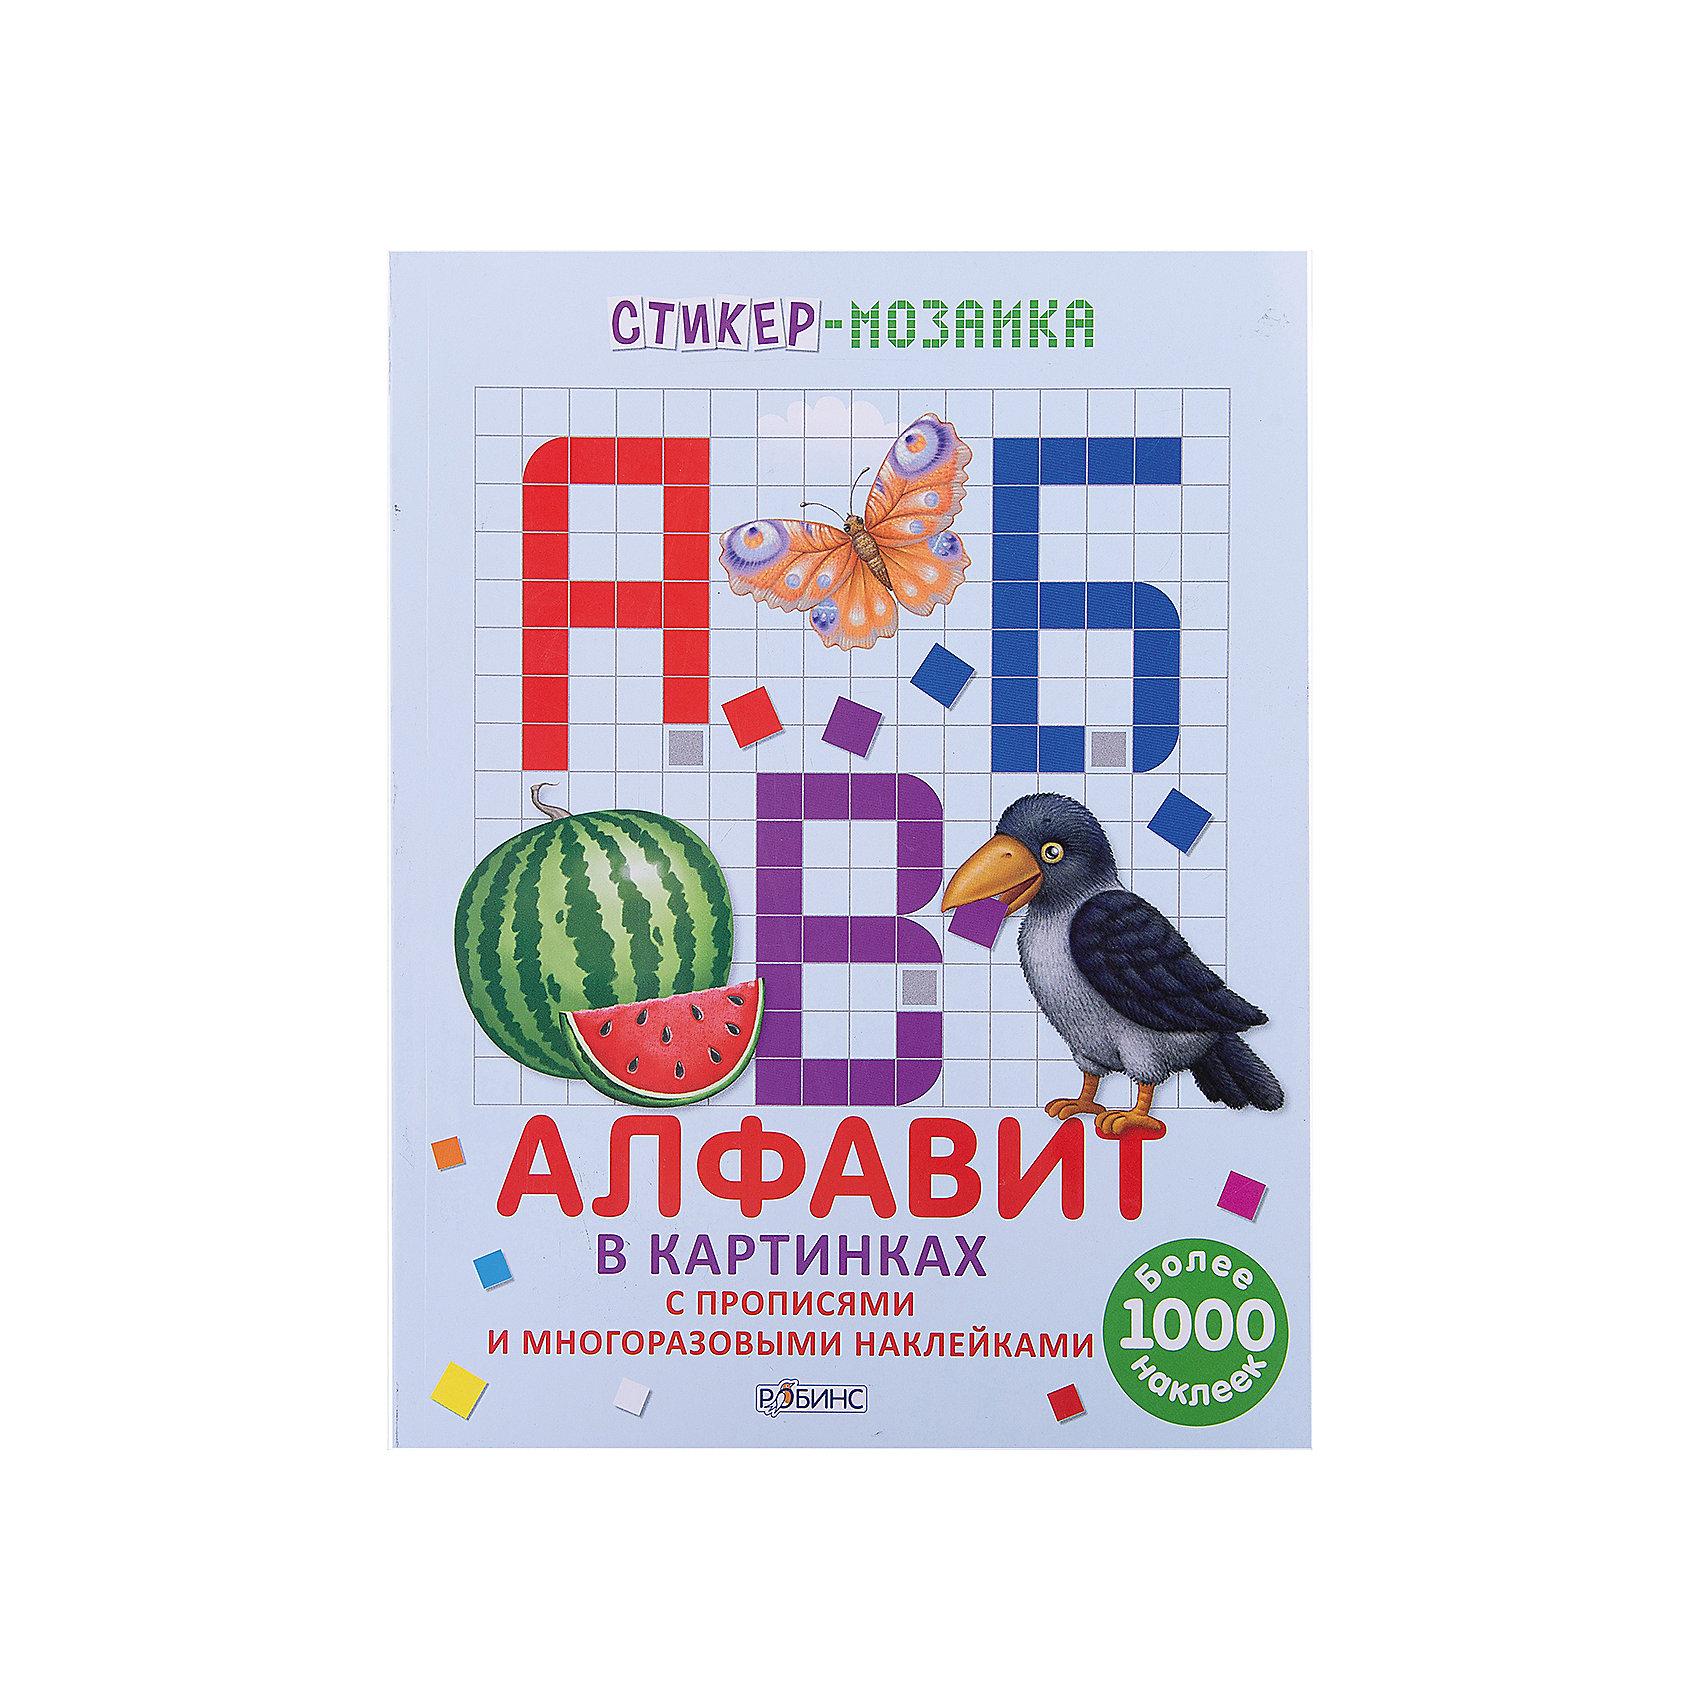 Стикер-мозаика Алфавит в картинкахРазвивающие книги<br>Учим буквы с увлечением! Эта необычная книжка – настоящий подарок малышам. Играя с яркими наклейками, дети смогут запомнить буквы и научиться их писать. Ребёнку предлагается по точкам обвести буквы, а затем повторить их уже самому, наклеить стикер-мозаику на силуэт букв и пофантазировать, приклеивая животных и разные предметы на картинку. Каждая страница содержит набор букв алфавита, прописей и тематических картинок к ним. <br>Предложенная в книге методика развивает письменные навыки, творчество и фантазию. Ваш ребёнок будет весело и с интересом изучать буквы, делая свои первые шаги к освоению алфавита, а также клеить наклейки, тренируя мелкую моторику. <br>Для удобства использования листы с наклейками изготовлены с перфорацией, позволяющей легко отсоединять их от книги. Вместе с этой стикер-мозаикой обучение превратится в увлекательное занятие!<br><br>Дополнительная информация:<br><br>- Формат: 21,5х28 см.<br>- Количество страниц: 30.<br>- Переплет: мягкий.<br>- Иллюстрации: цветные.<br>- Комплектация: многоразовые наклейки с животными; стикер-мозаика;<br>прописи.<br><br>Стикер-мозаику Алфавит в картинках можно купить в нашем магазине.<br><br>Ширина мм: 278<br>Глубина мм: 215<br>Высота мм: 4<br>Вес г: 184<br>Возраст от месяцев: 36<br>Возраст до месяцев: 60<br>Пол: Унисекс<br>Возраст: Детский<br>SKU: 4545594